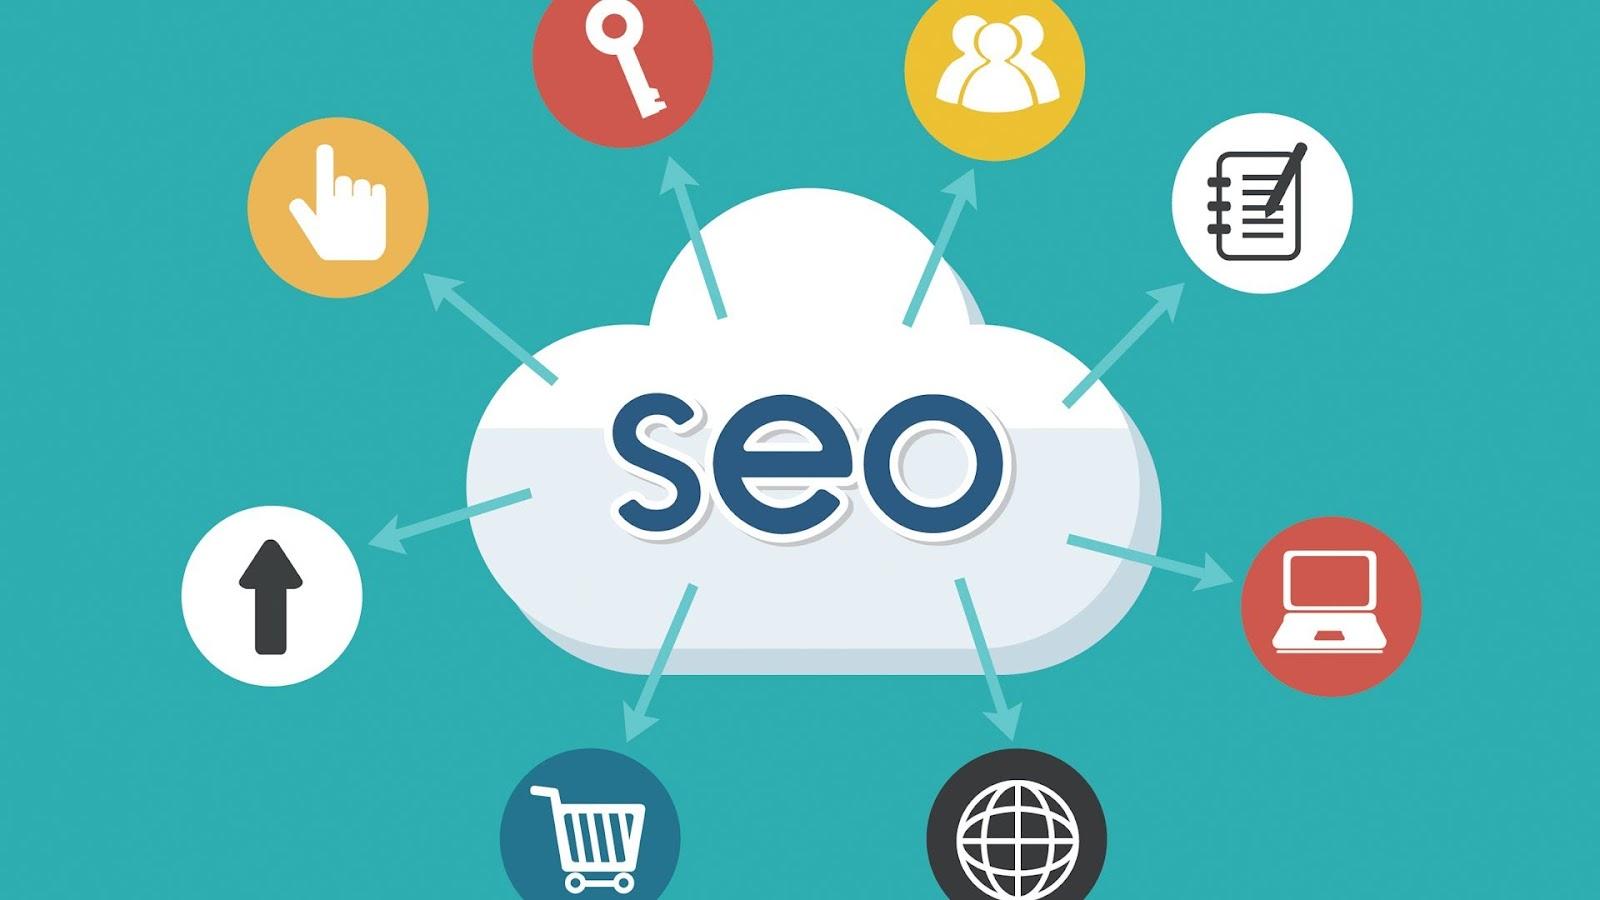 SEO là một giải pháp nhằm mở rộng thị trường khách hàng trên internet